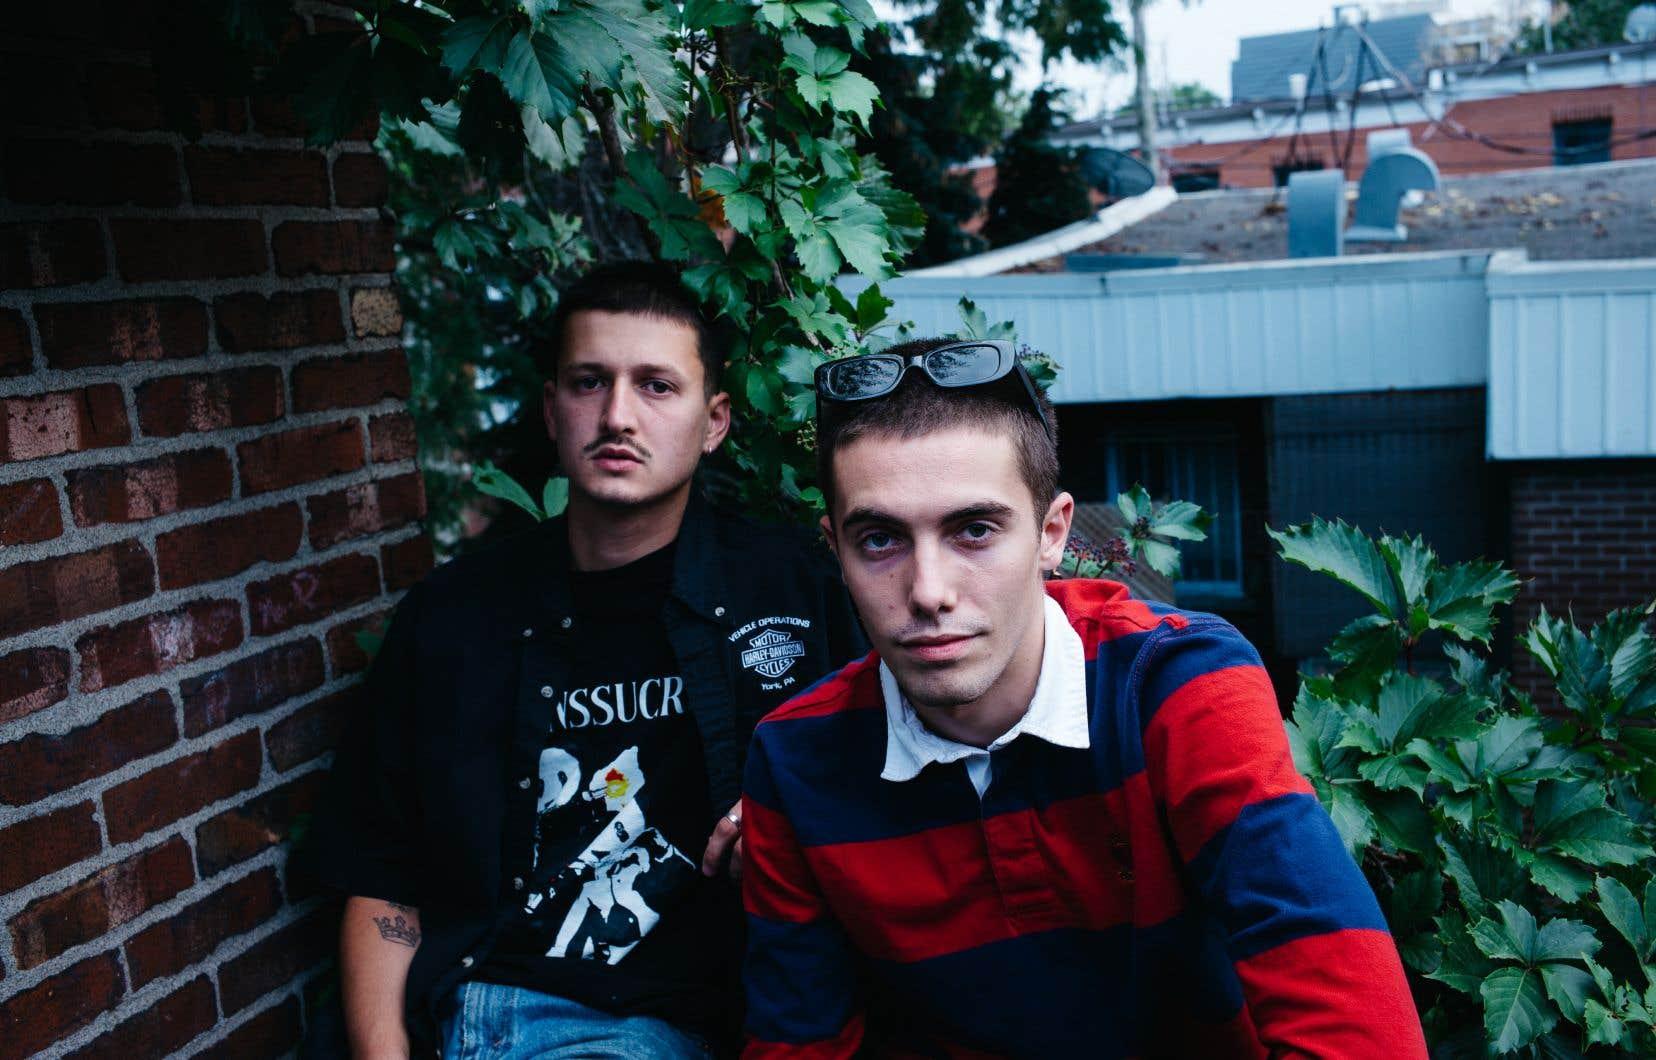 Jamaz (à droite) a lancé il y a quelques semaines un premier album, «Les Ennuis», sur lequel on peut entendre les autres membres de LaF, dont Bkay (à gauche).